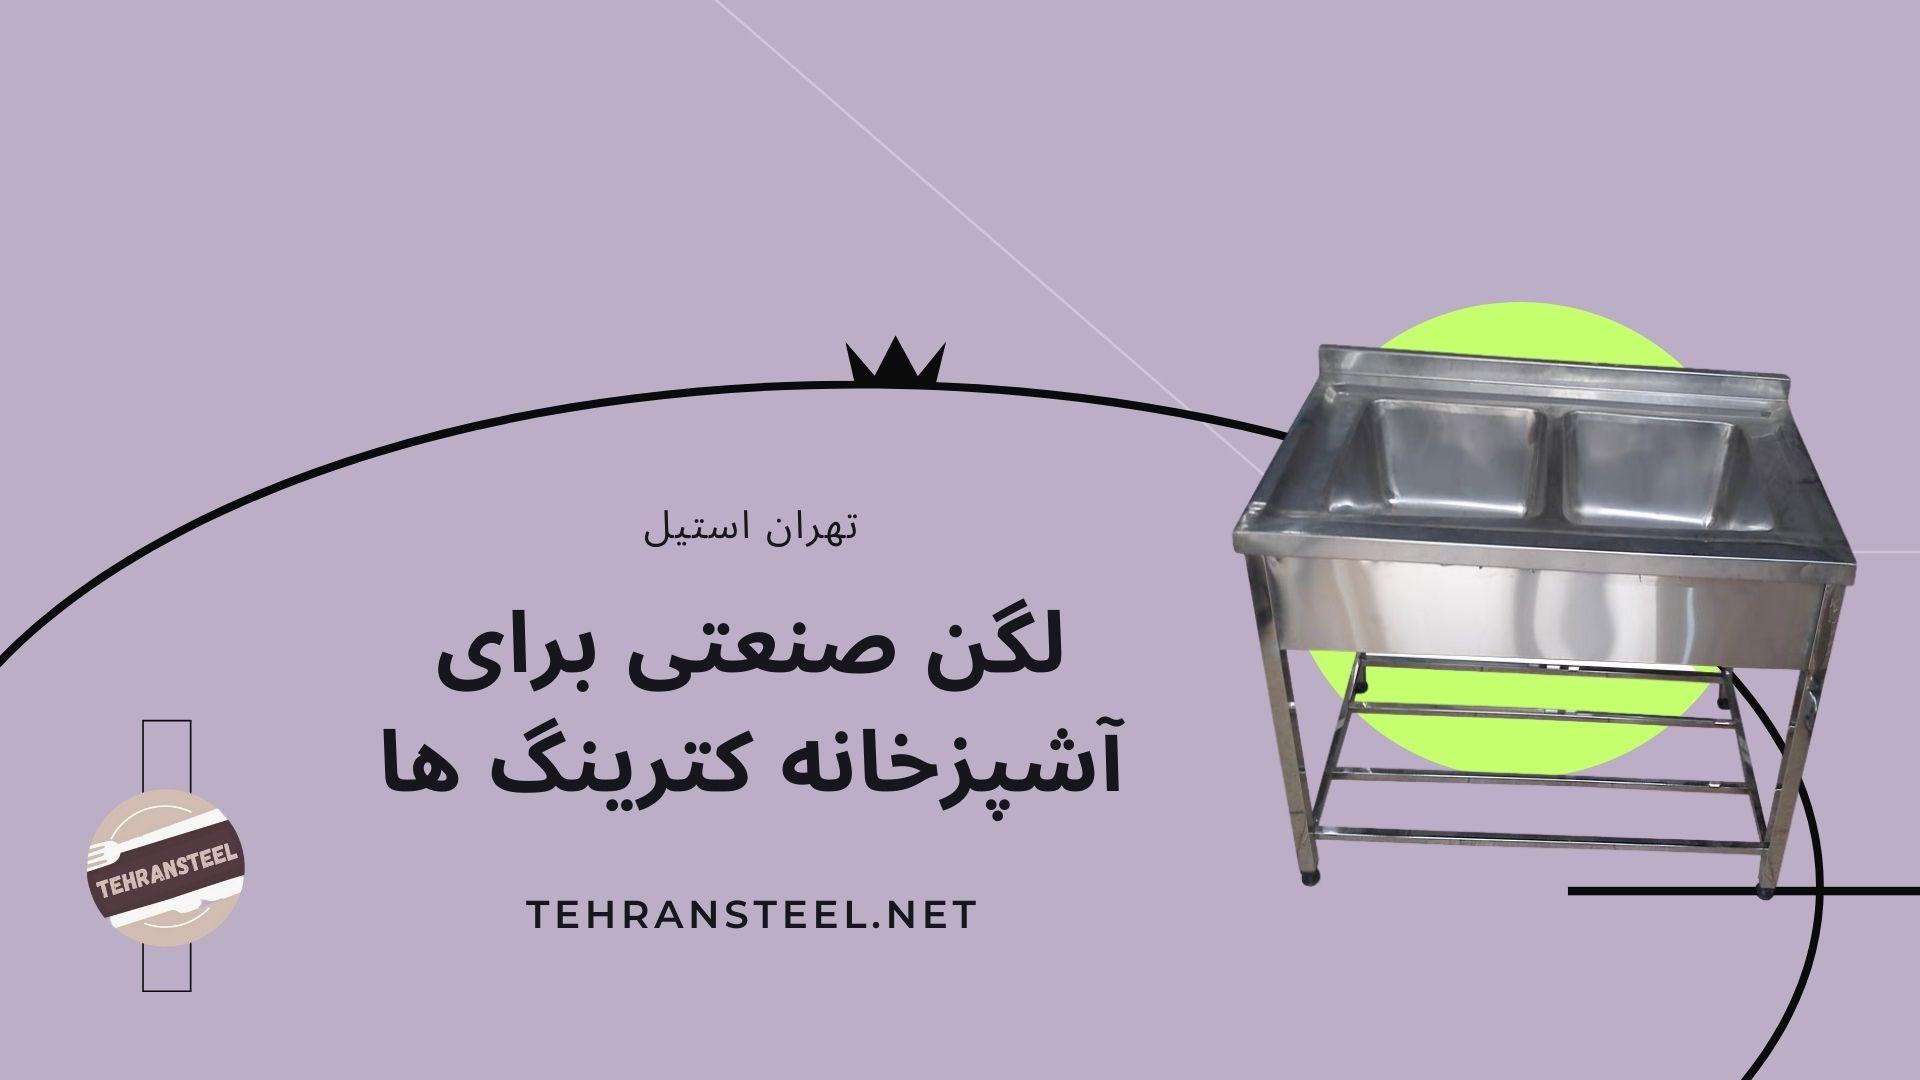 لگن صنعتی برای آشپزخانه کترینگ ها